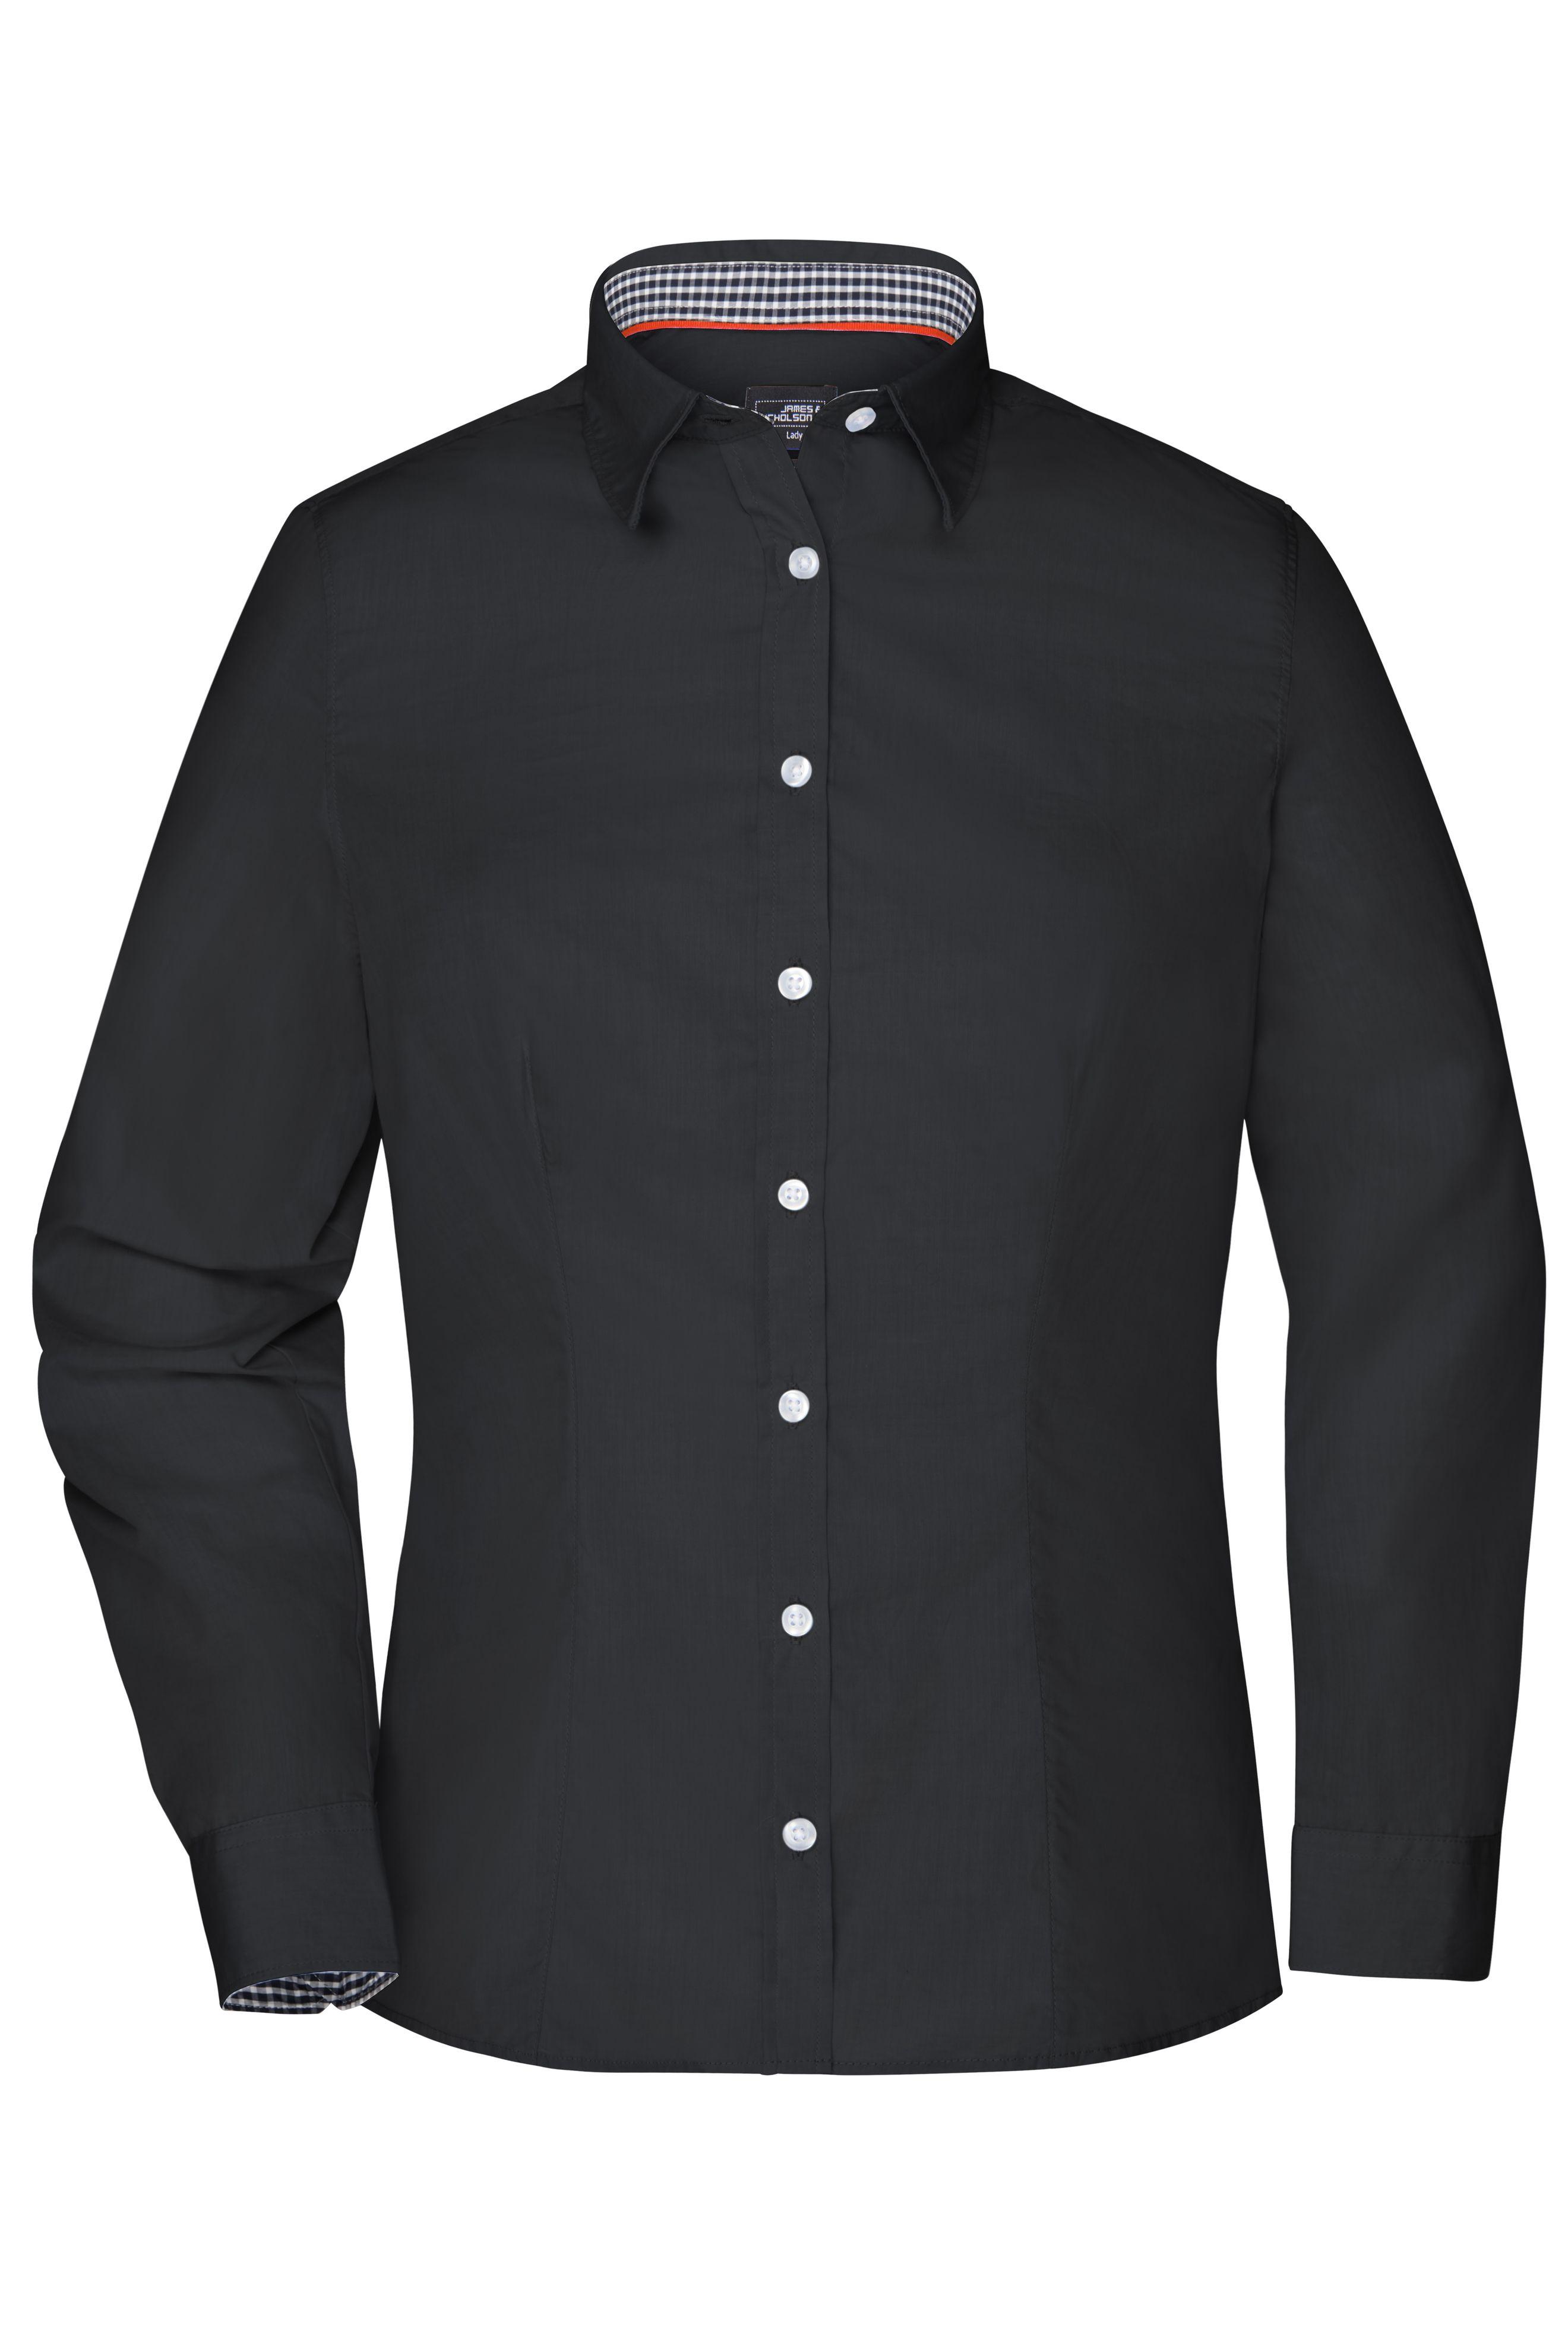 Modisches Shirt mit Karo-Einsätzen an Kragen und Manschette